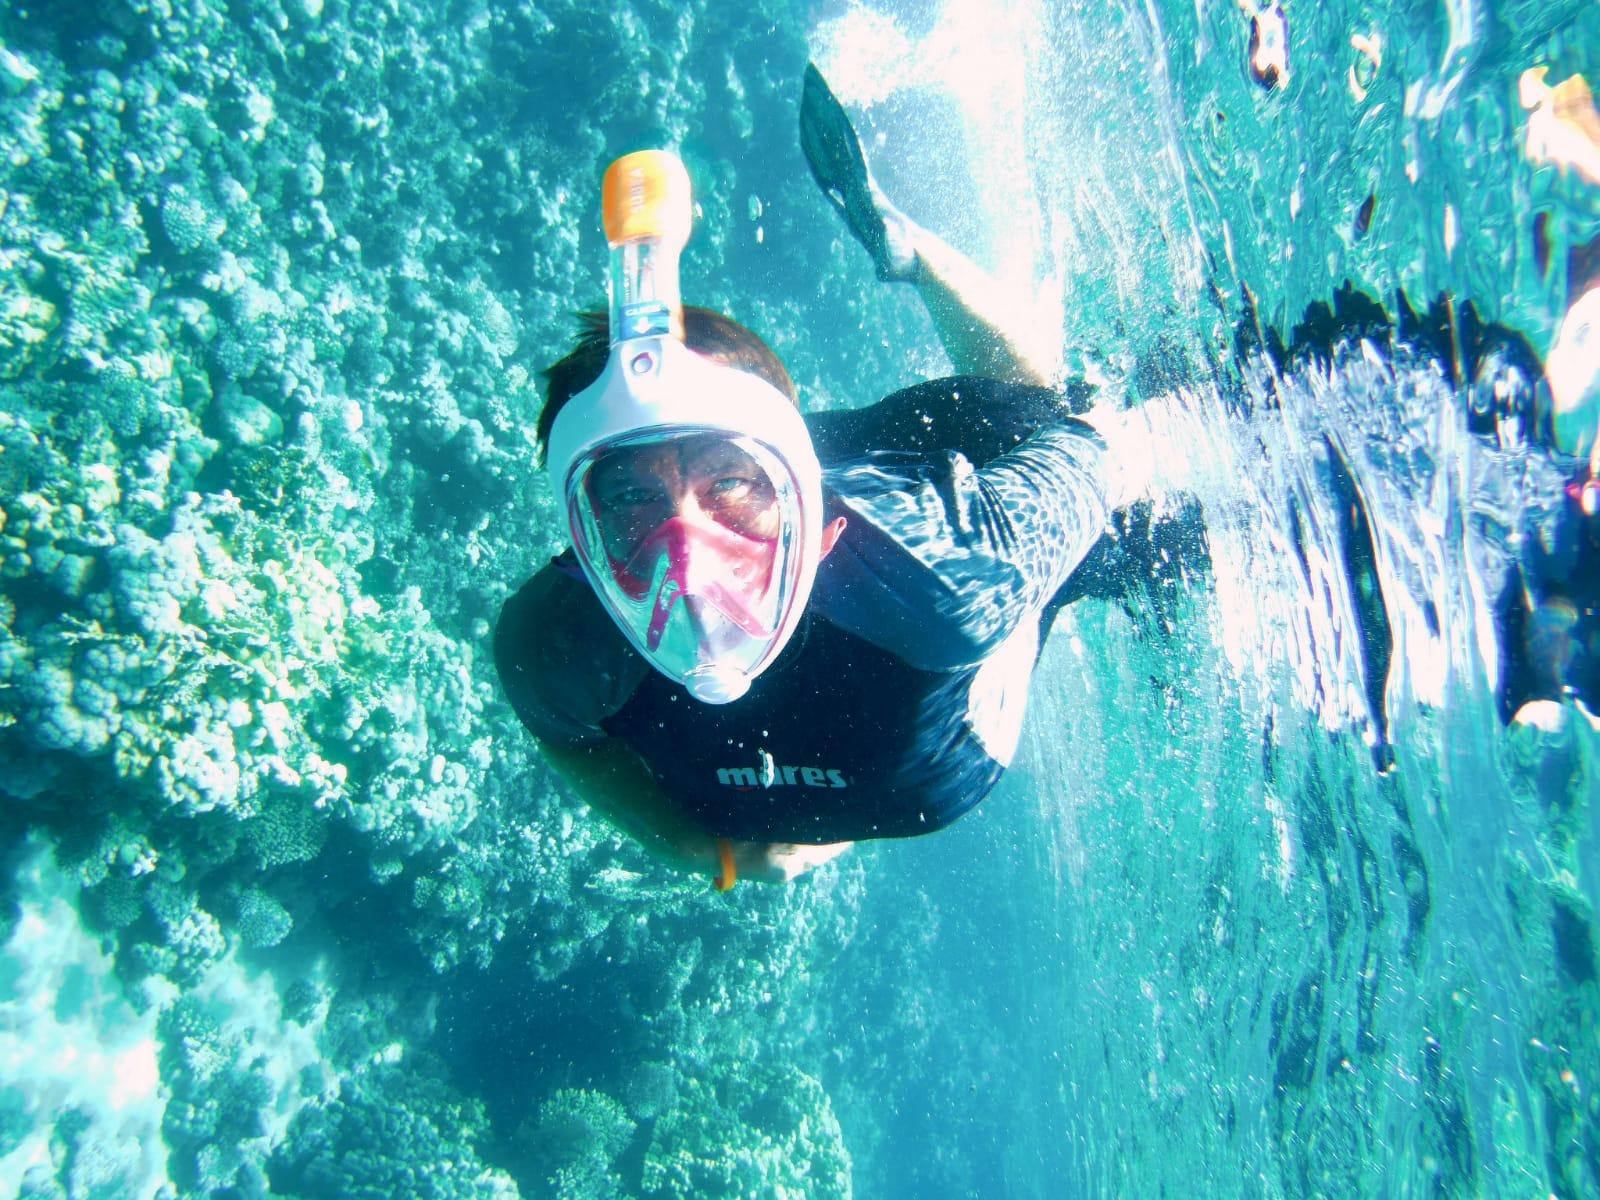 Ausflug zum Schnuppertauchen und Schnorcheln ab Hurghada